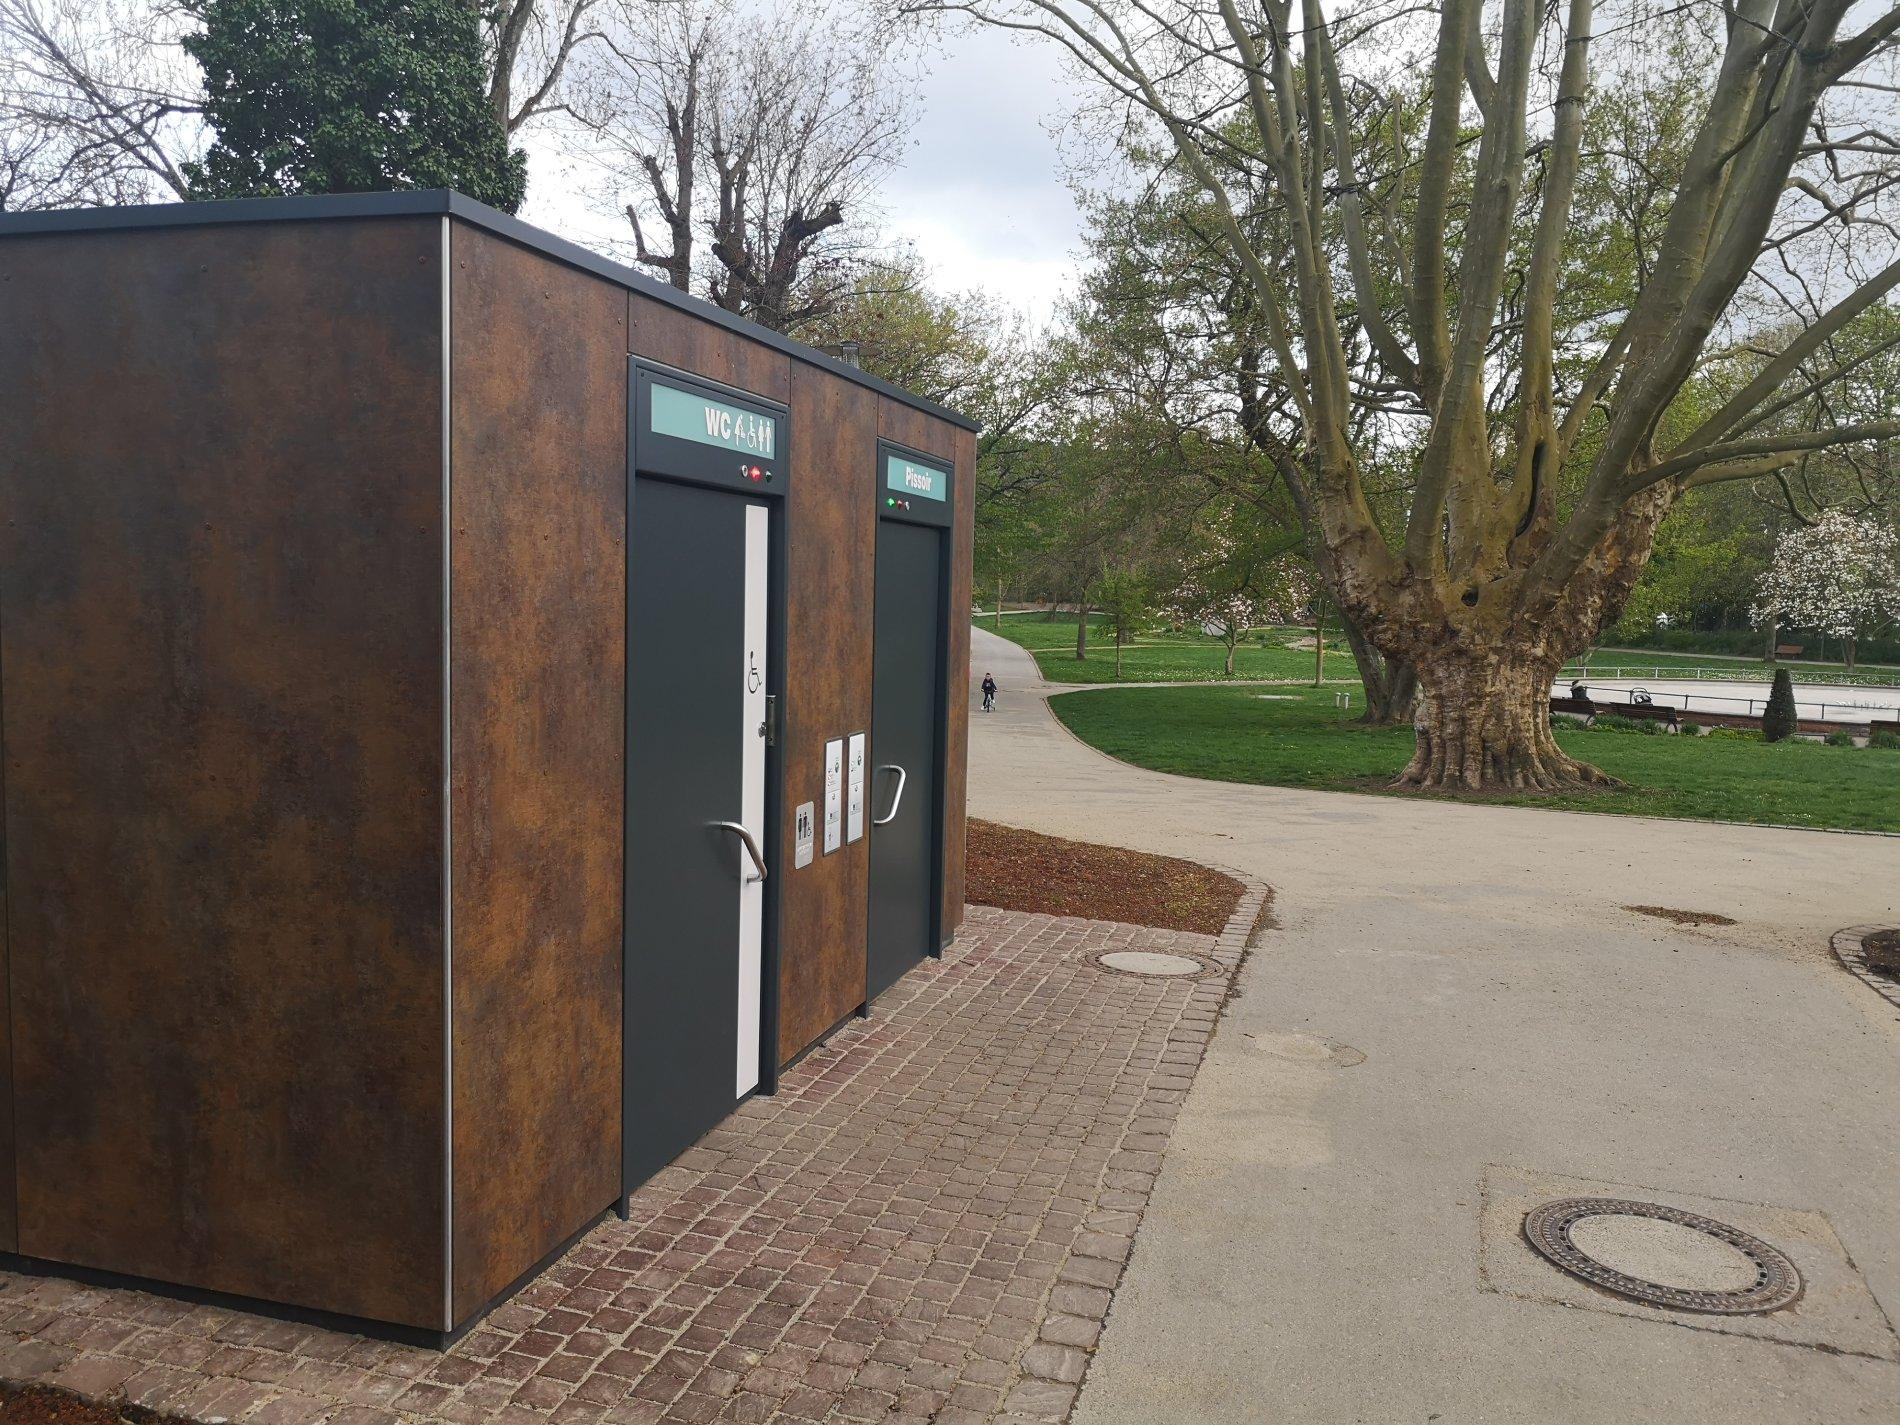 Sauberes, öffentliches WC im schönen Stadtgarten